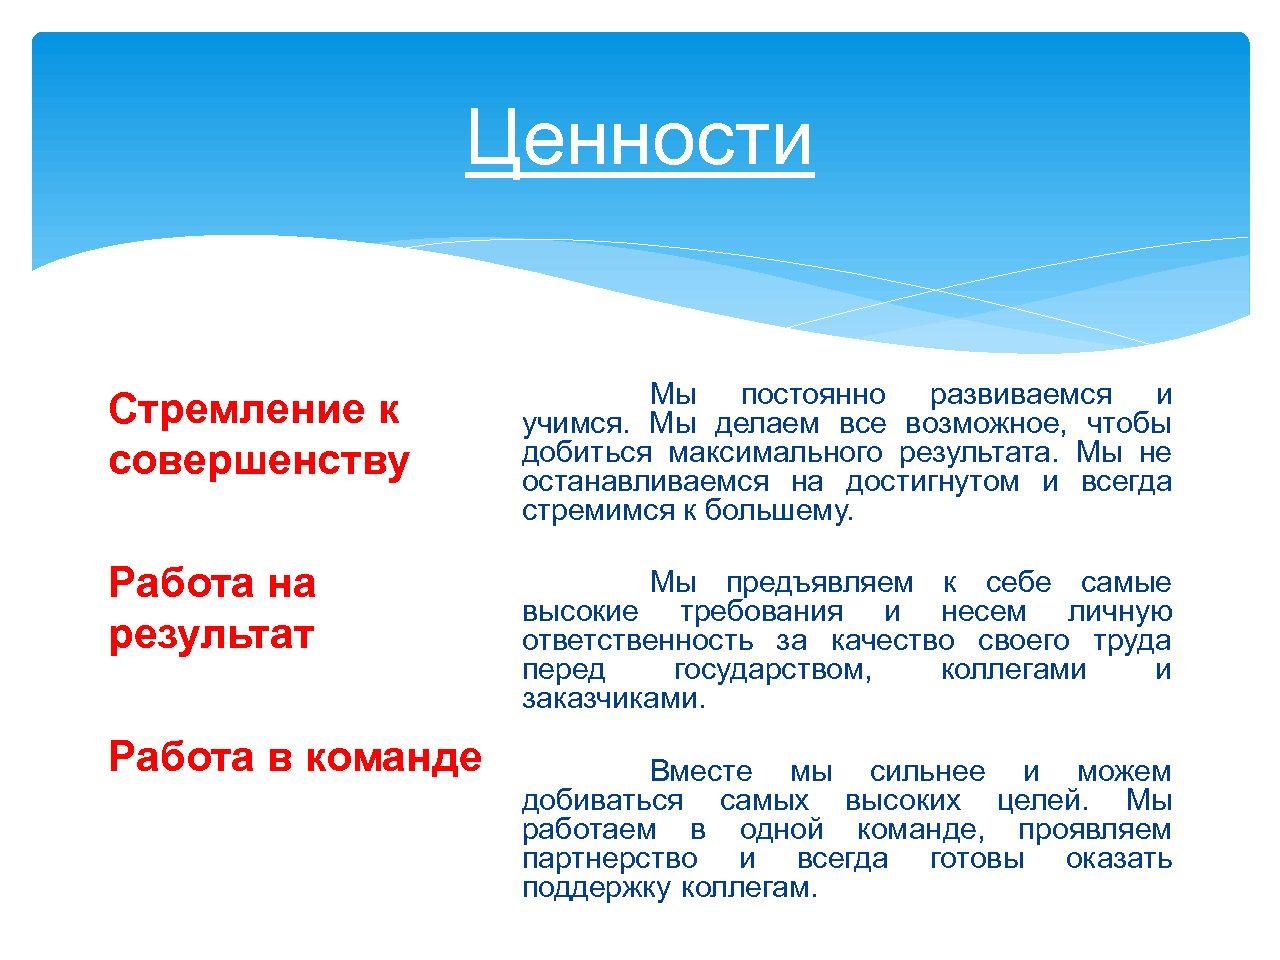 ПРЕЗЕНТАЦИЯ ред.03.08.18 2-11